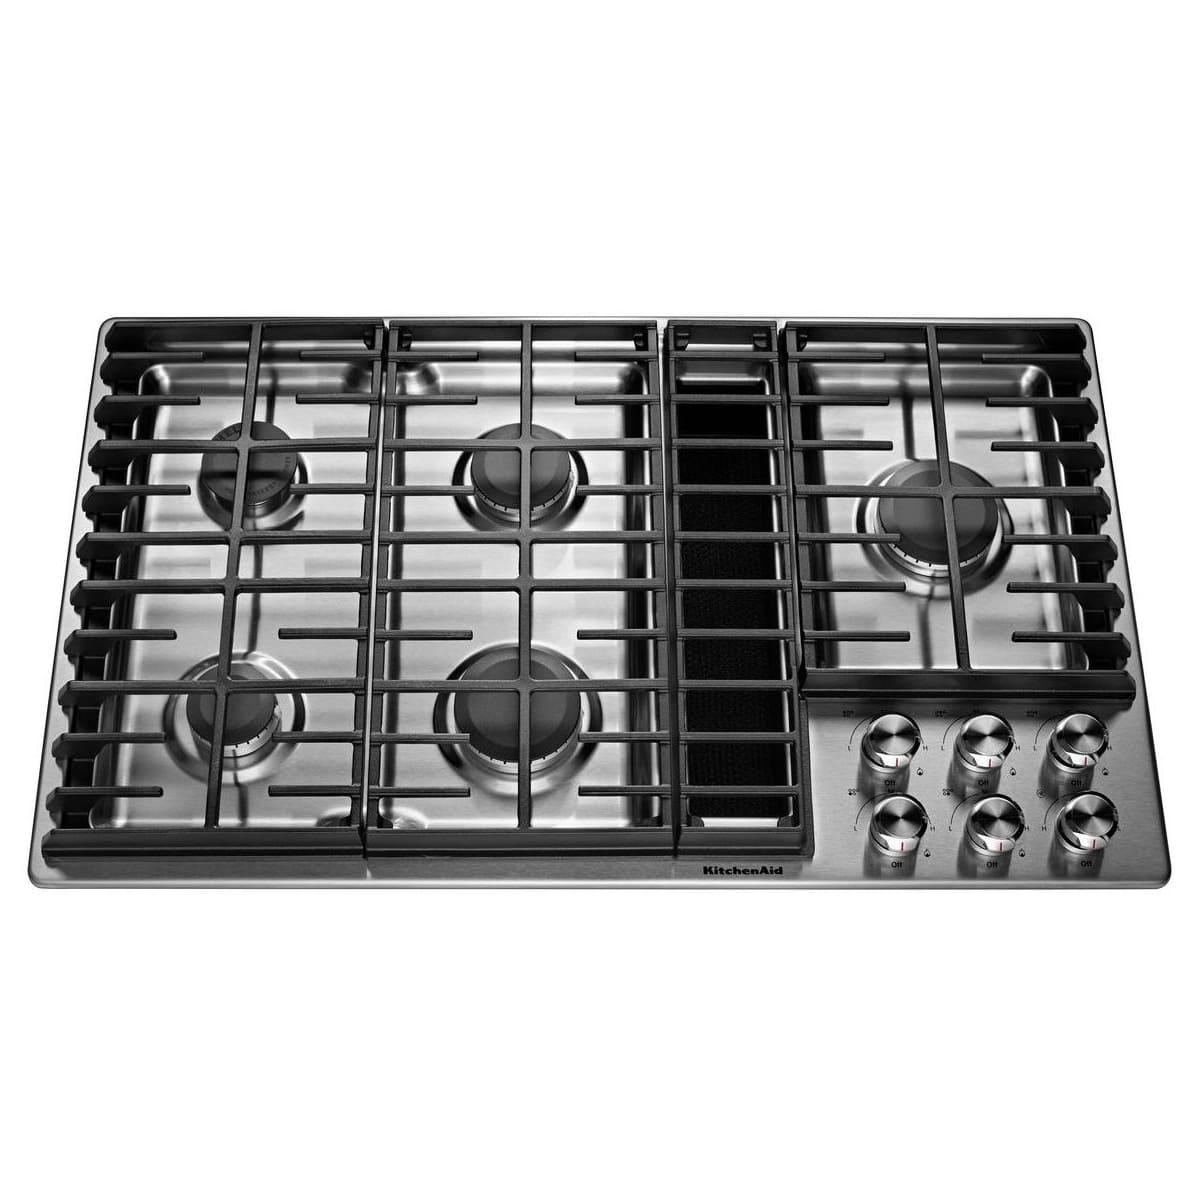 Kitchenaid Cooktop Cooktops Kcgd506g